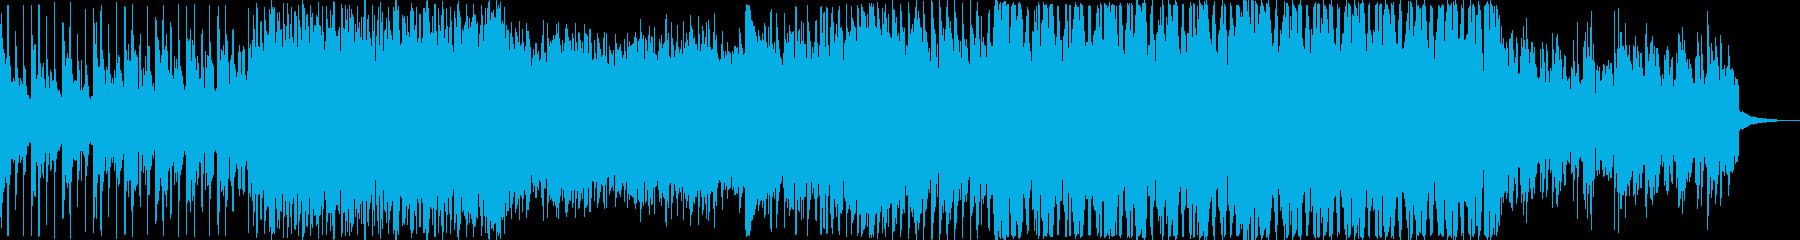 爽やかで軽快、お洒落なピアノのハウス曲の再生済みの波形